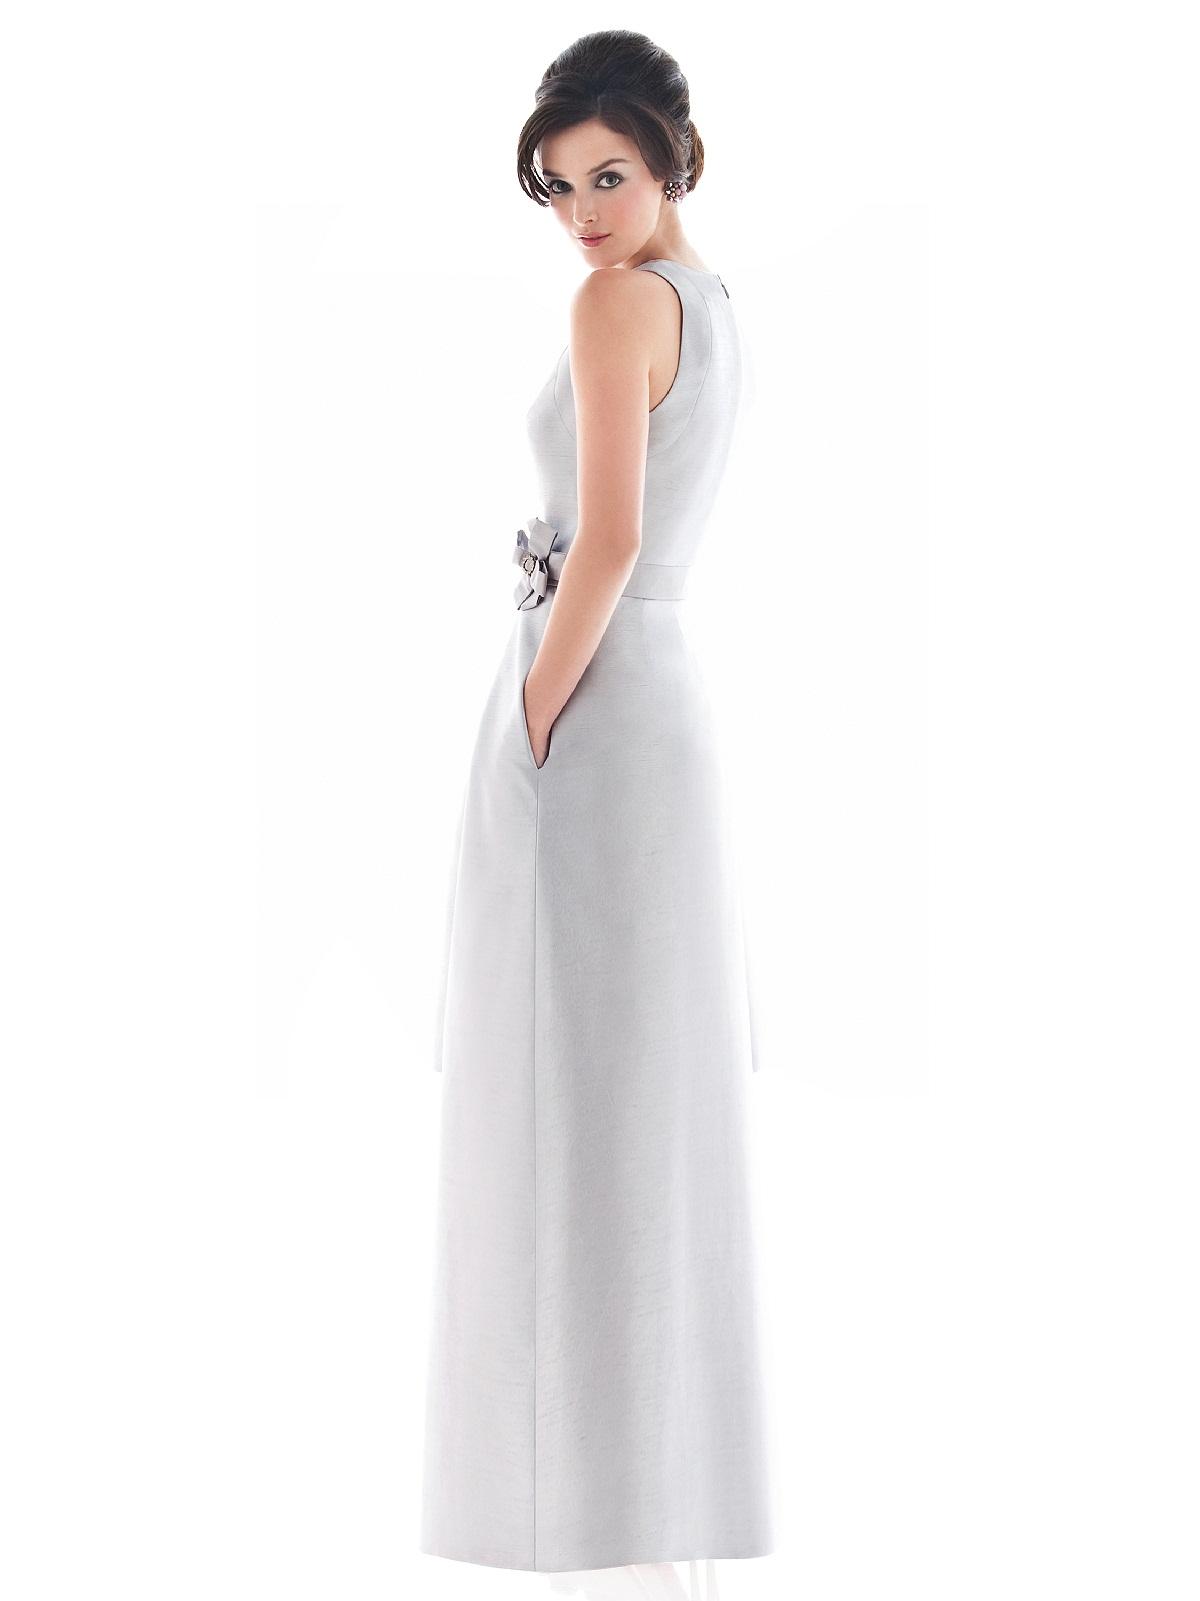 Manche Leute bevorzugen die Illusion Ausschnitt Brautkleider, die ...